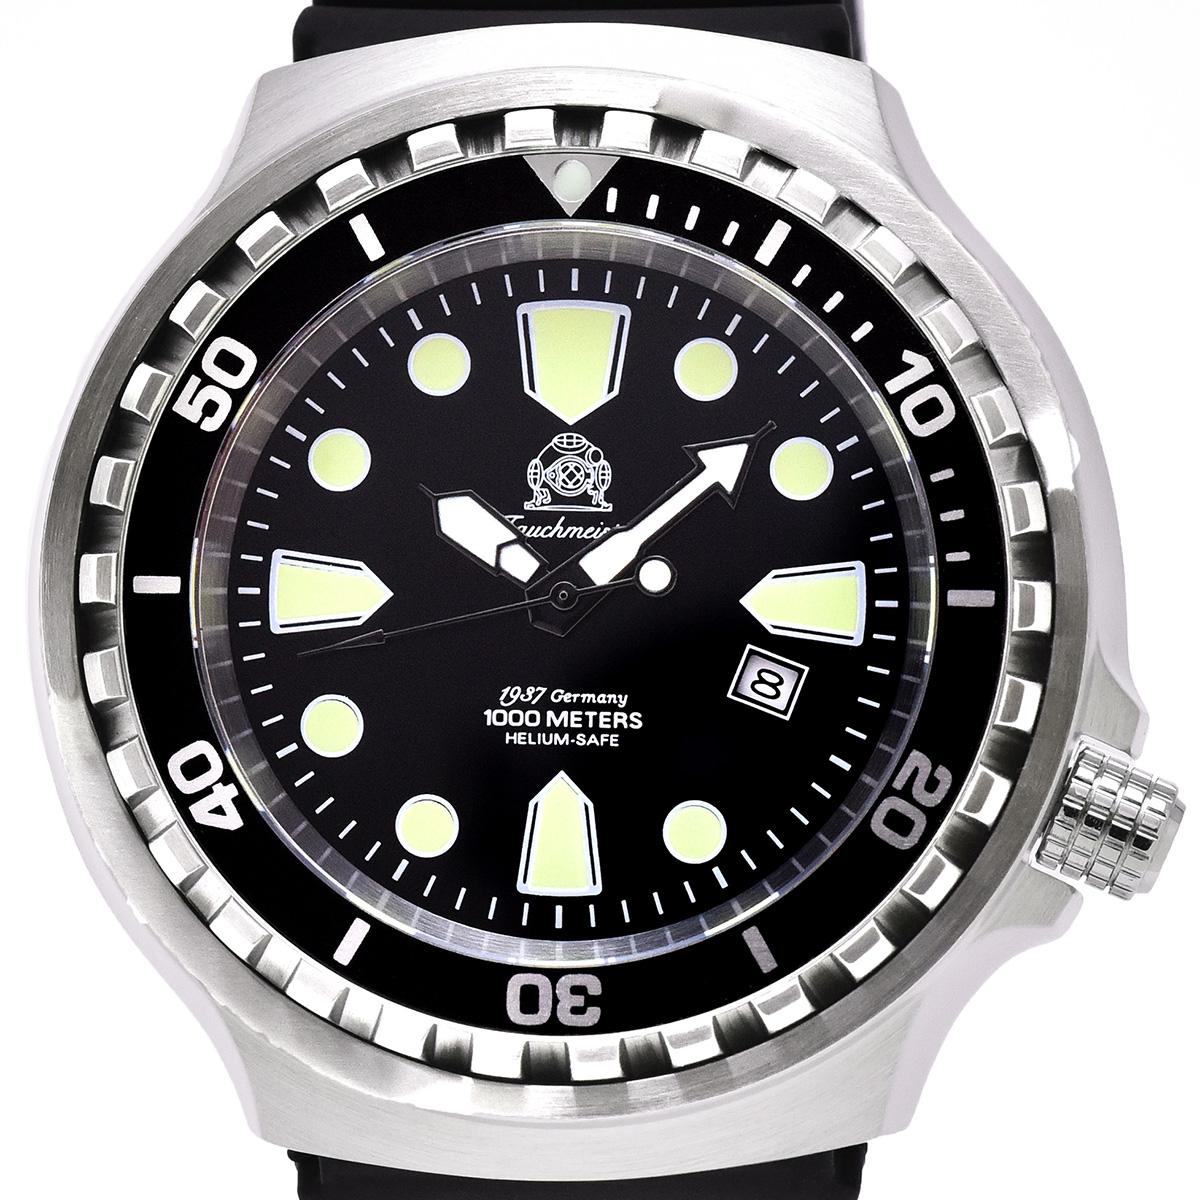 【残り1点】Tauchmeister 1937 トーチマイスター 1937 自動巻き 腕時計 メンズ ダイバーズウォッチ [T0267] 正規代理店品 メーカー保証24ヶ月&純正ケース付き